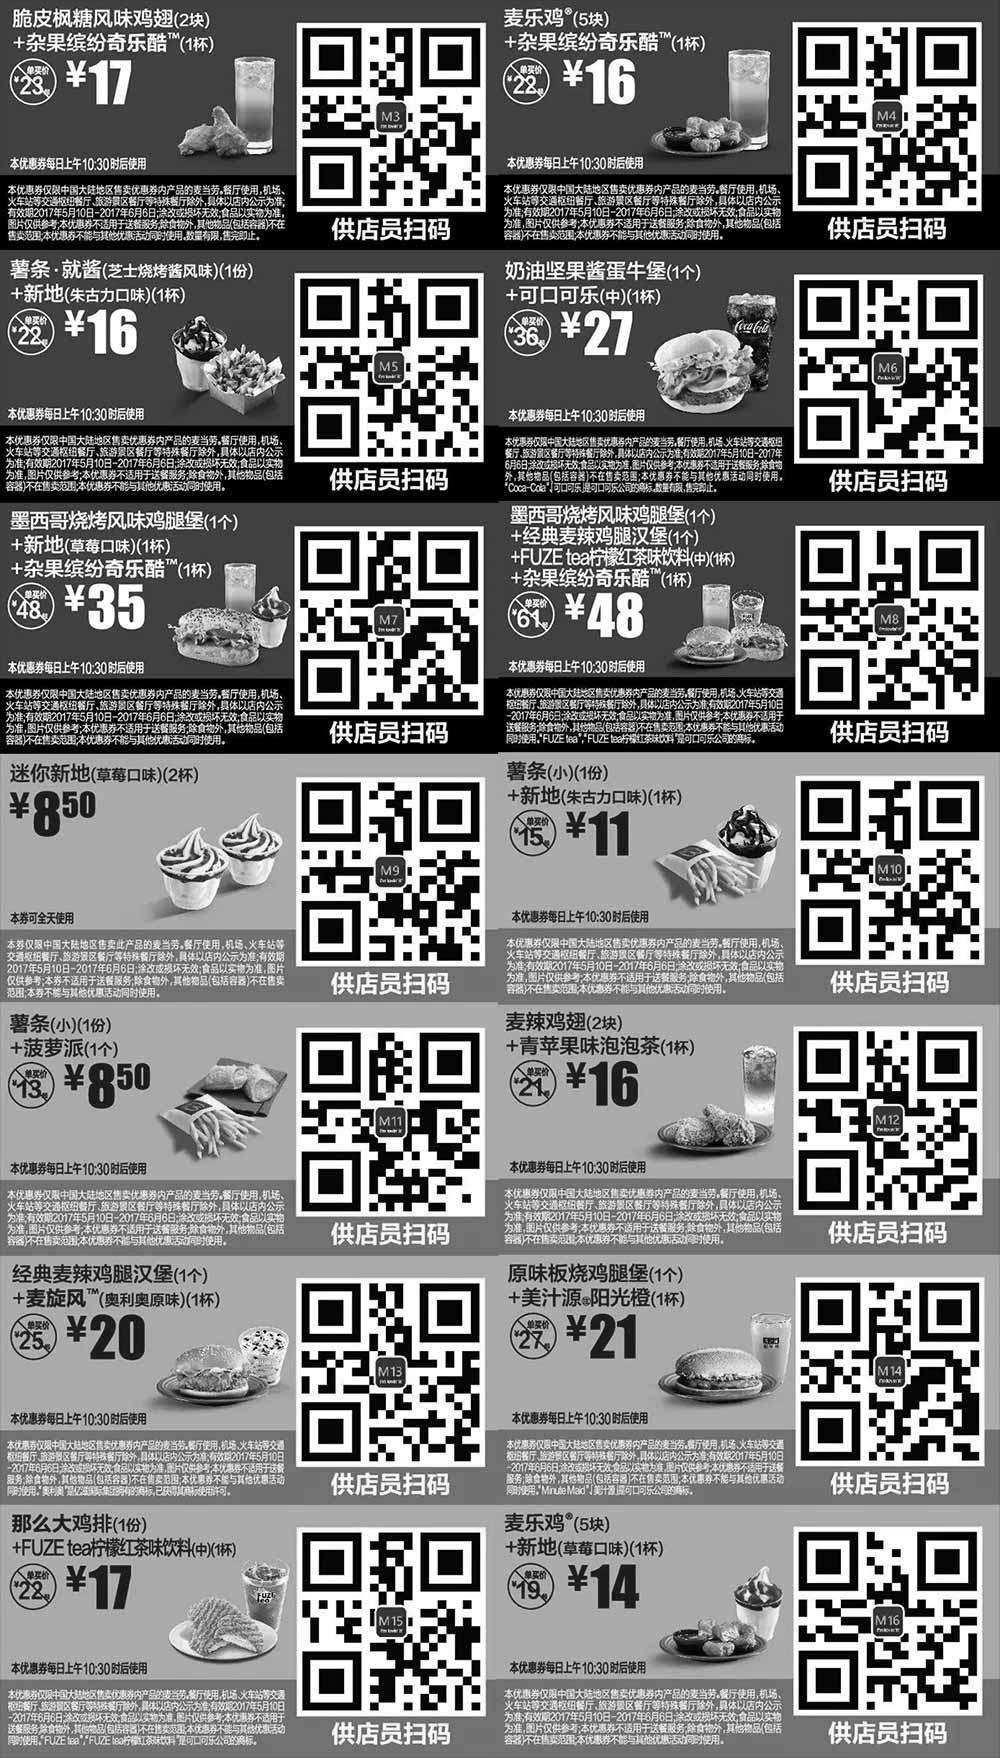 黑白优惠券图片:麦当劳优惠2017年5月6月份手机版整张版本,点餐出示给店员扫码享优惠 - www.5ikfc.com